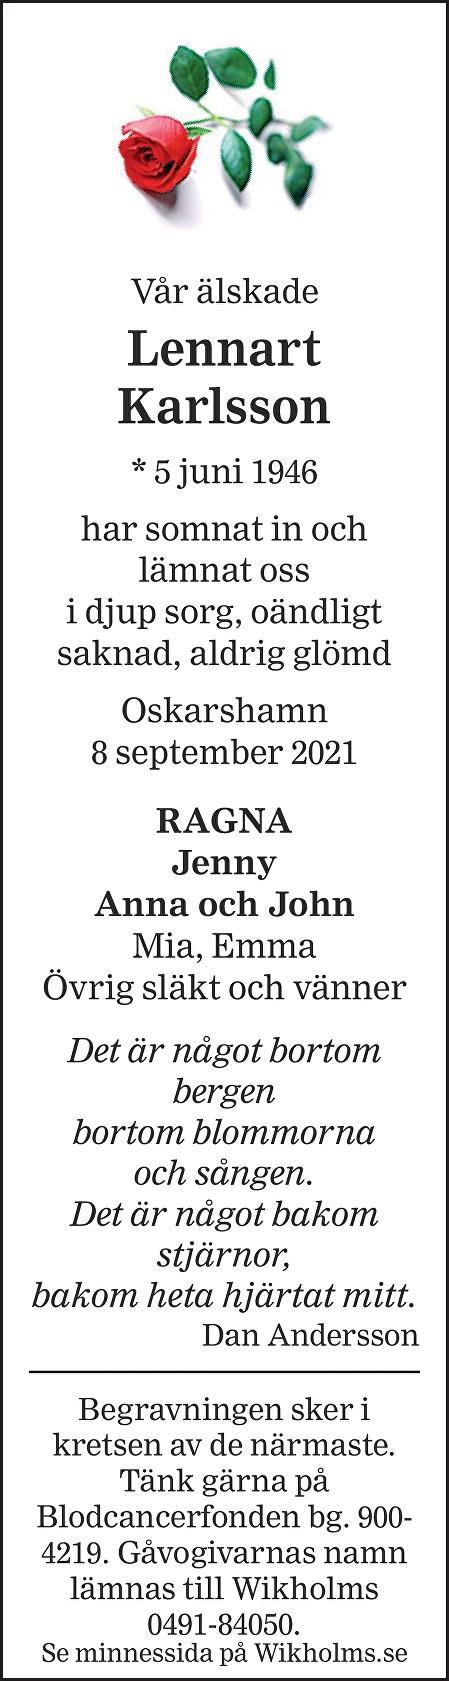 Lennart Karlsson Death notice